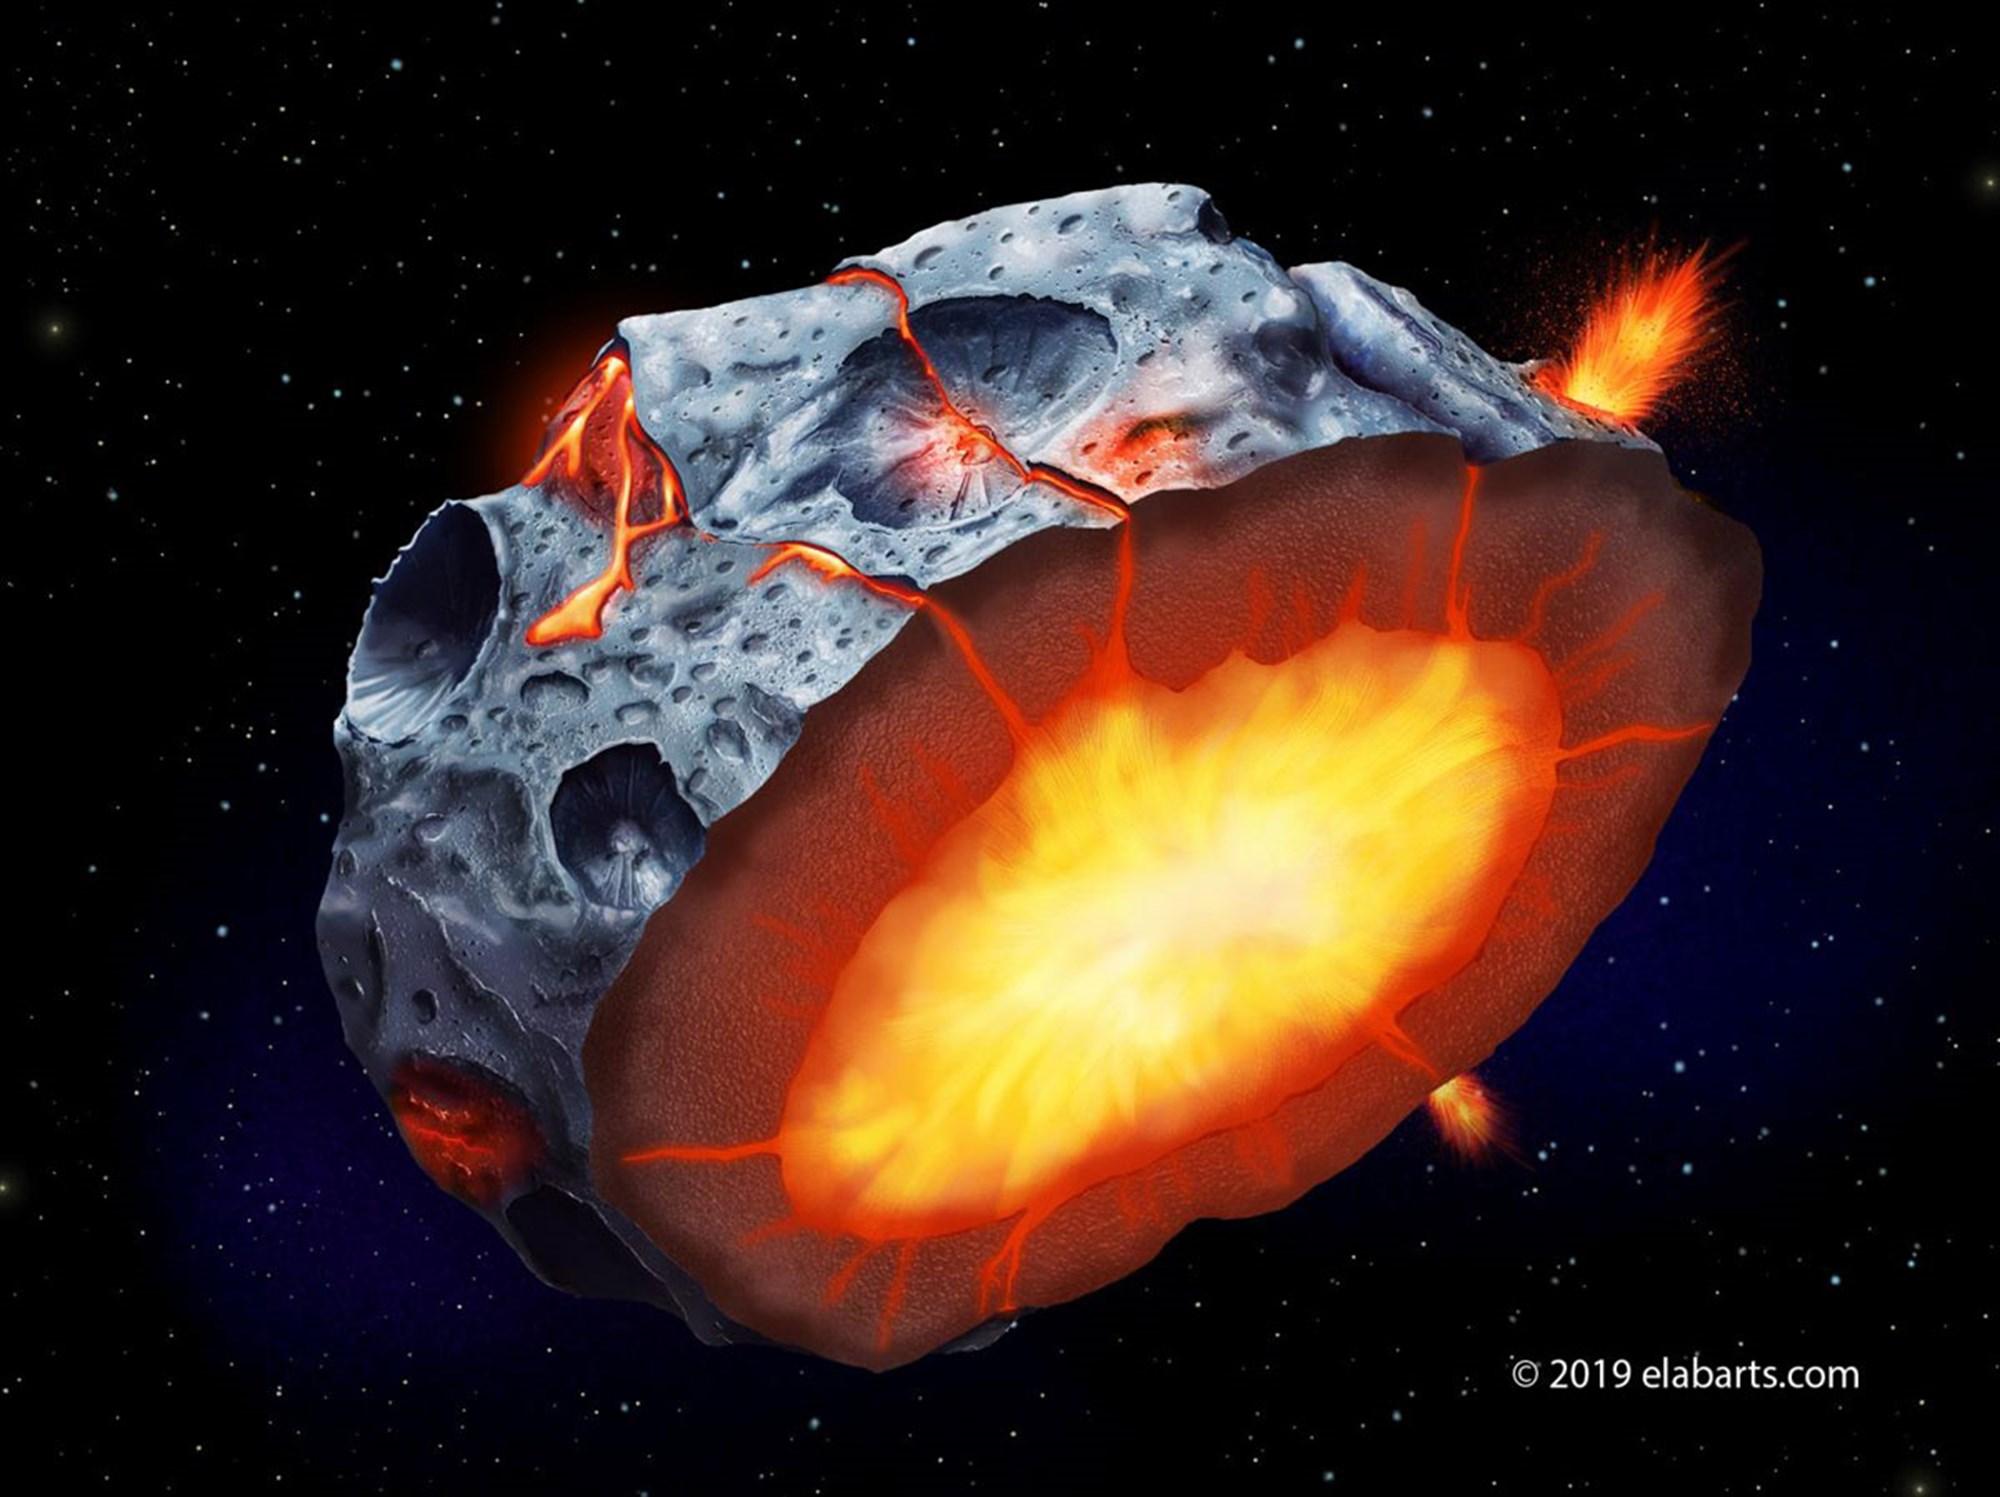 Vulkanausbrüche auf Eisenasteroiden vermutet – derStandard.at